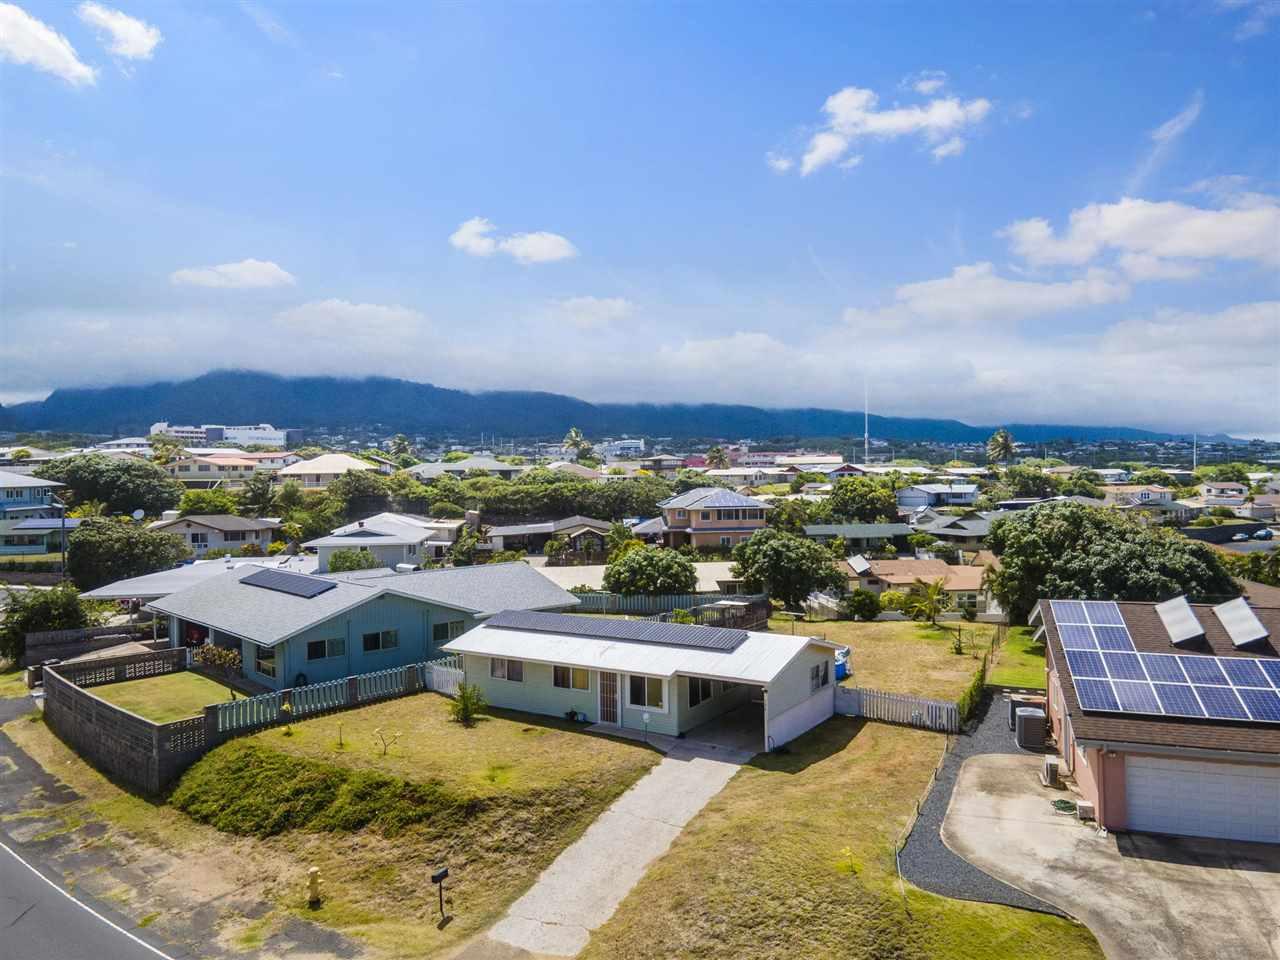 524 Kaao Cir Property Photo 1